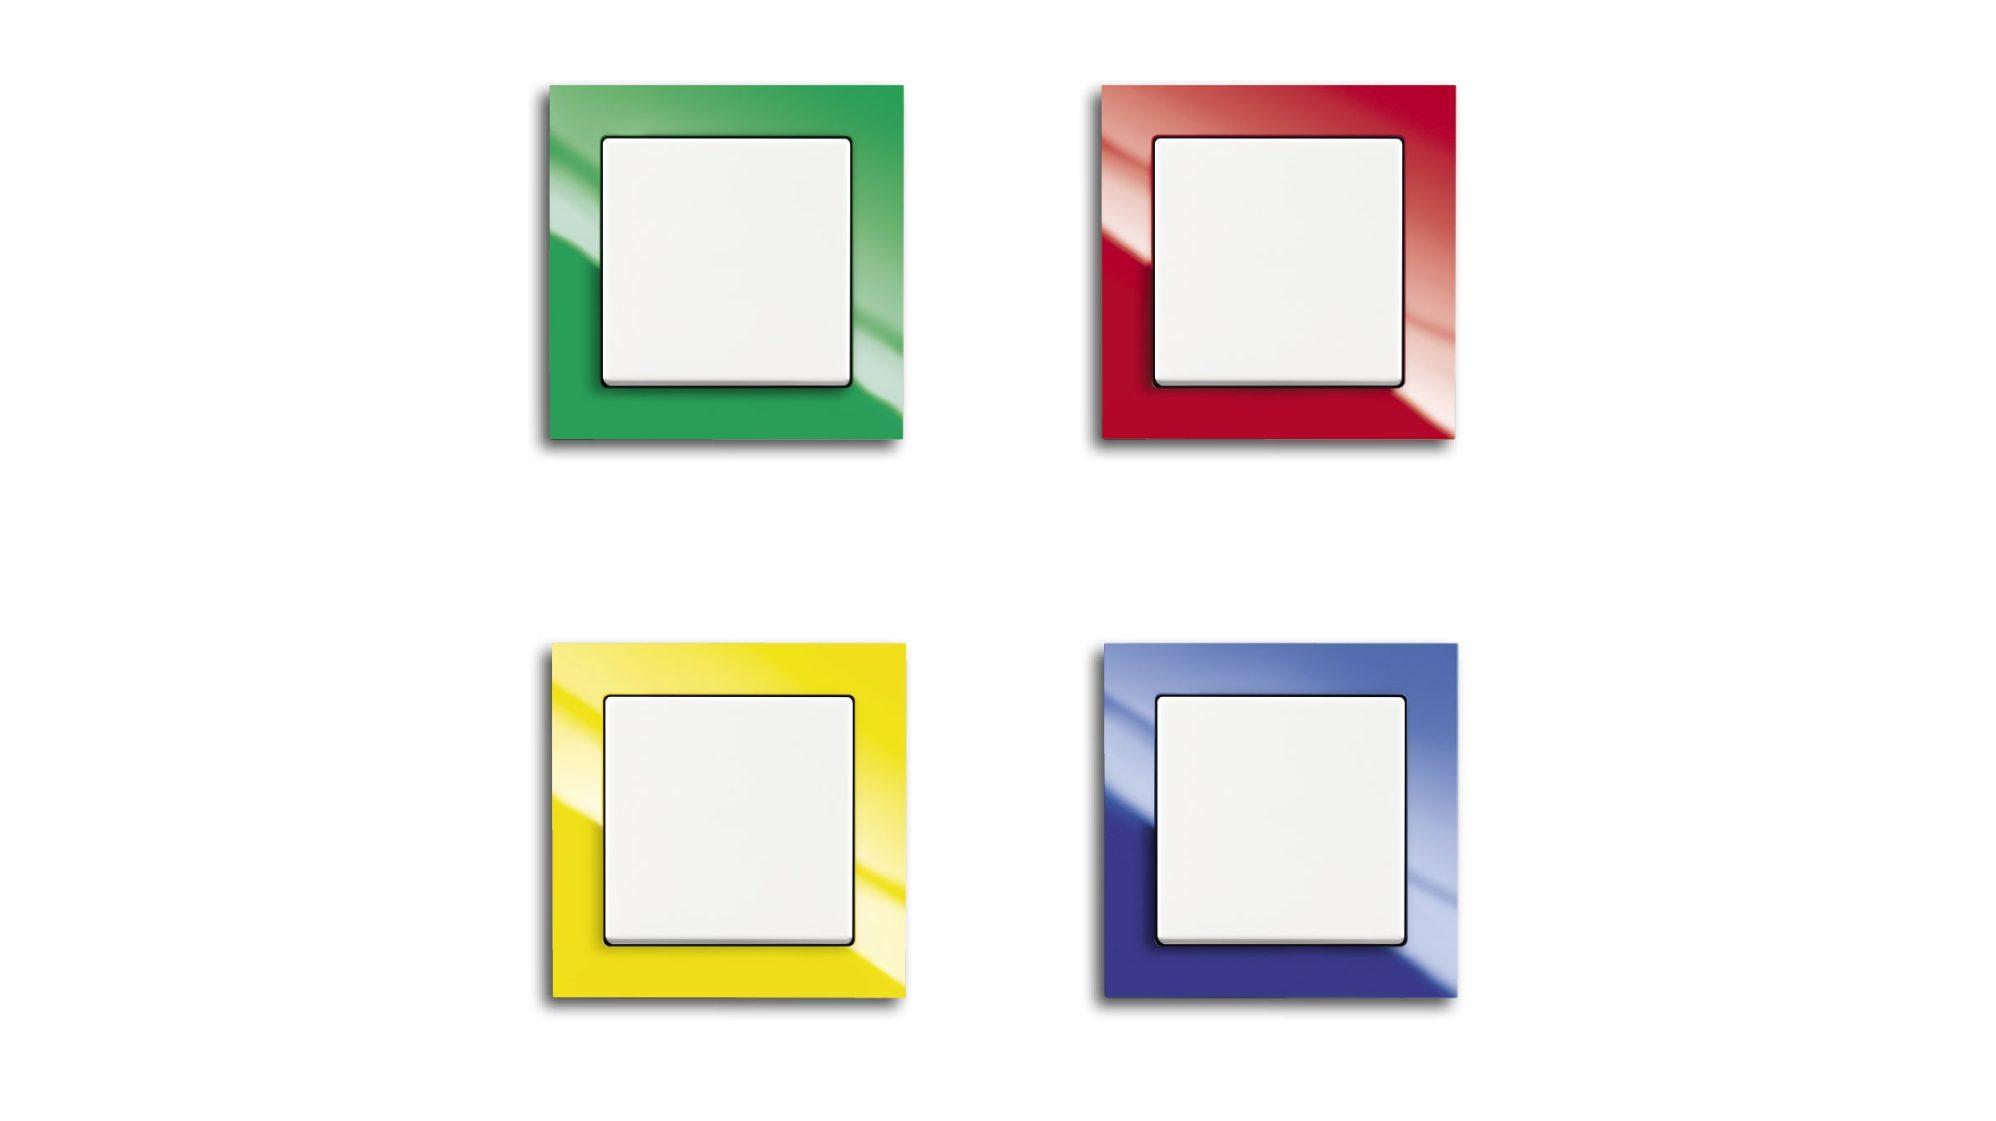 Das Farbspektrum von Busch-axcent zeichnet sich durch bunte Vielfalt aus. Es wird deshalb auch gerne in öffentlichen Gebäuden als Leitsystem eingesetzt. (Bild: ABB AG)